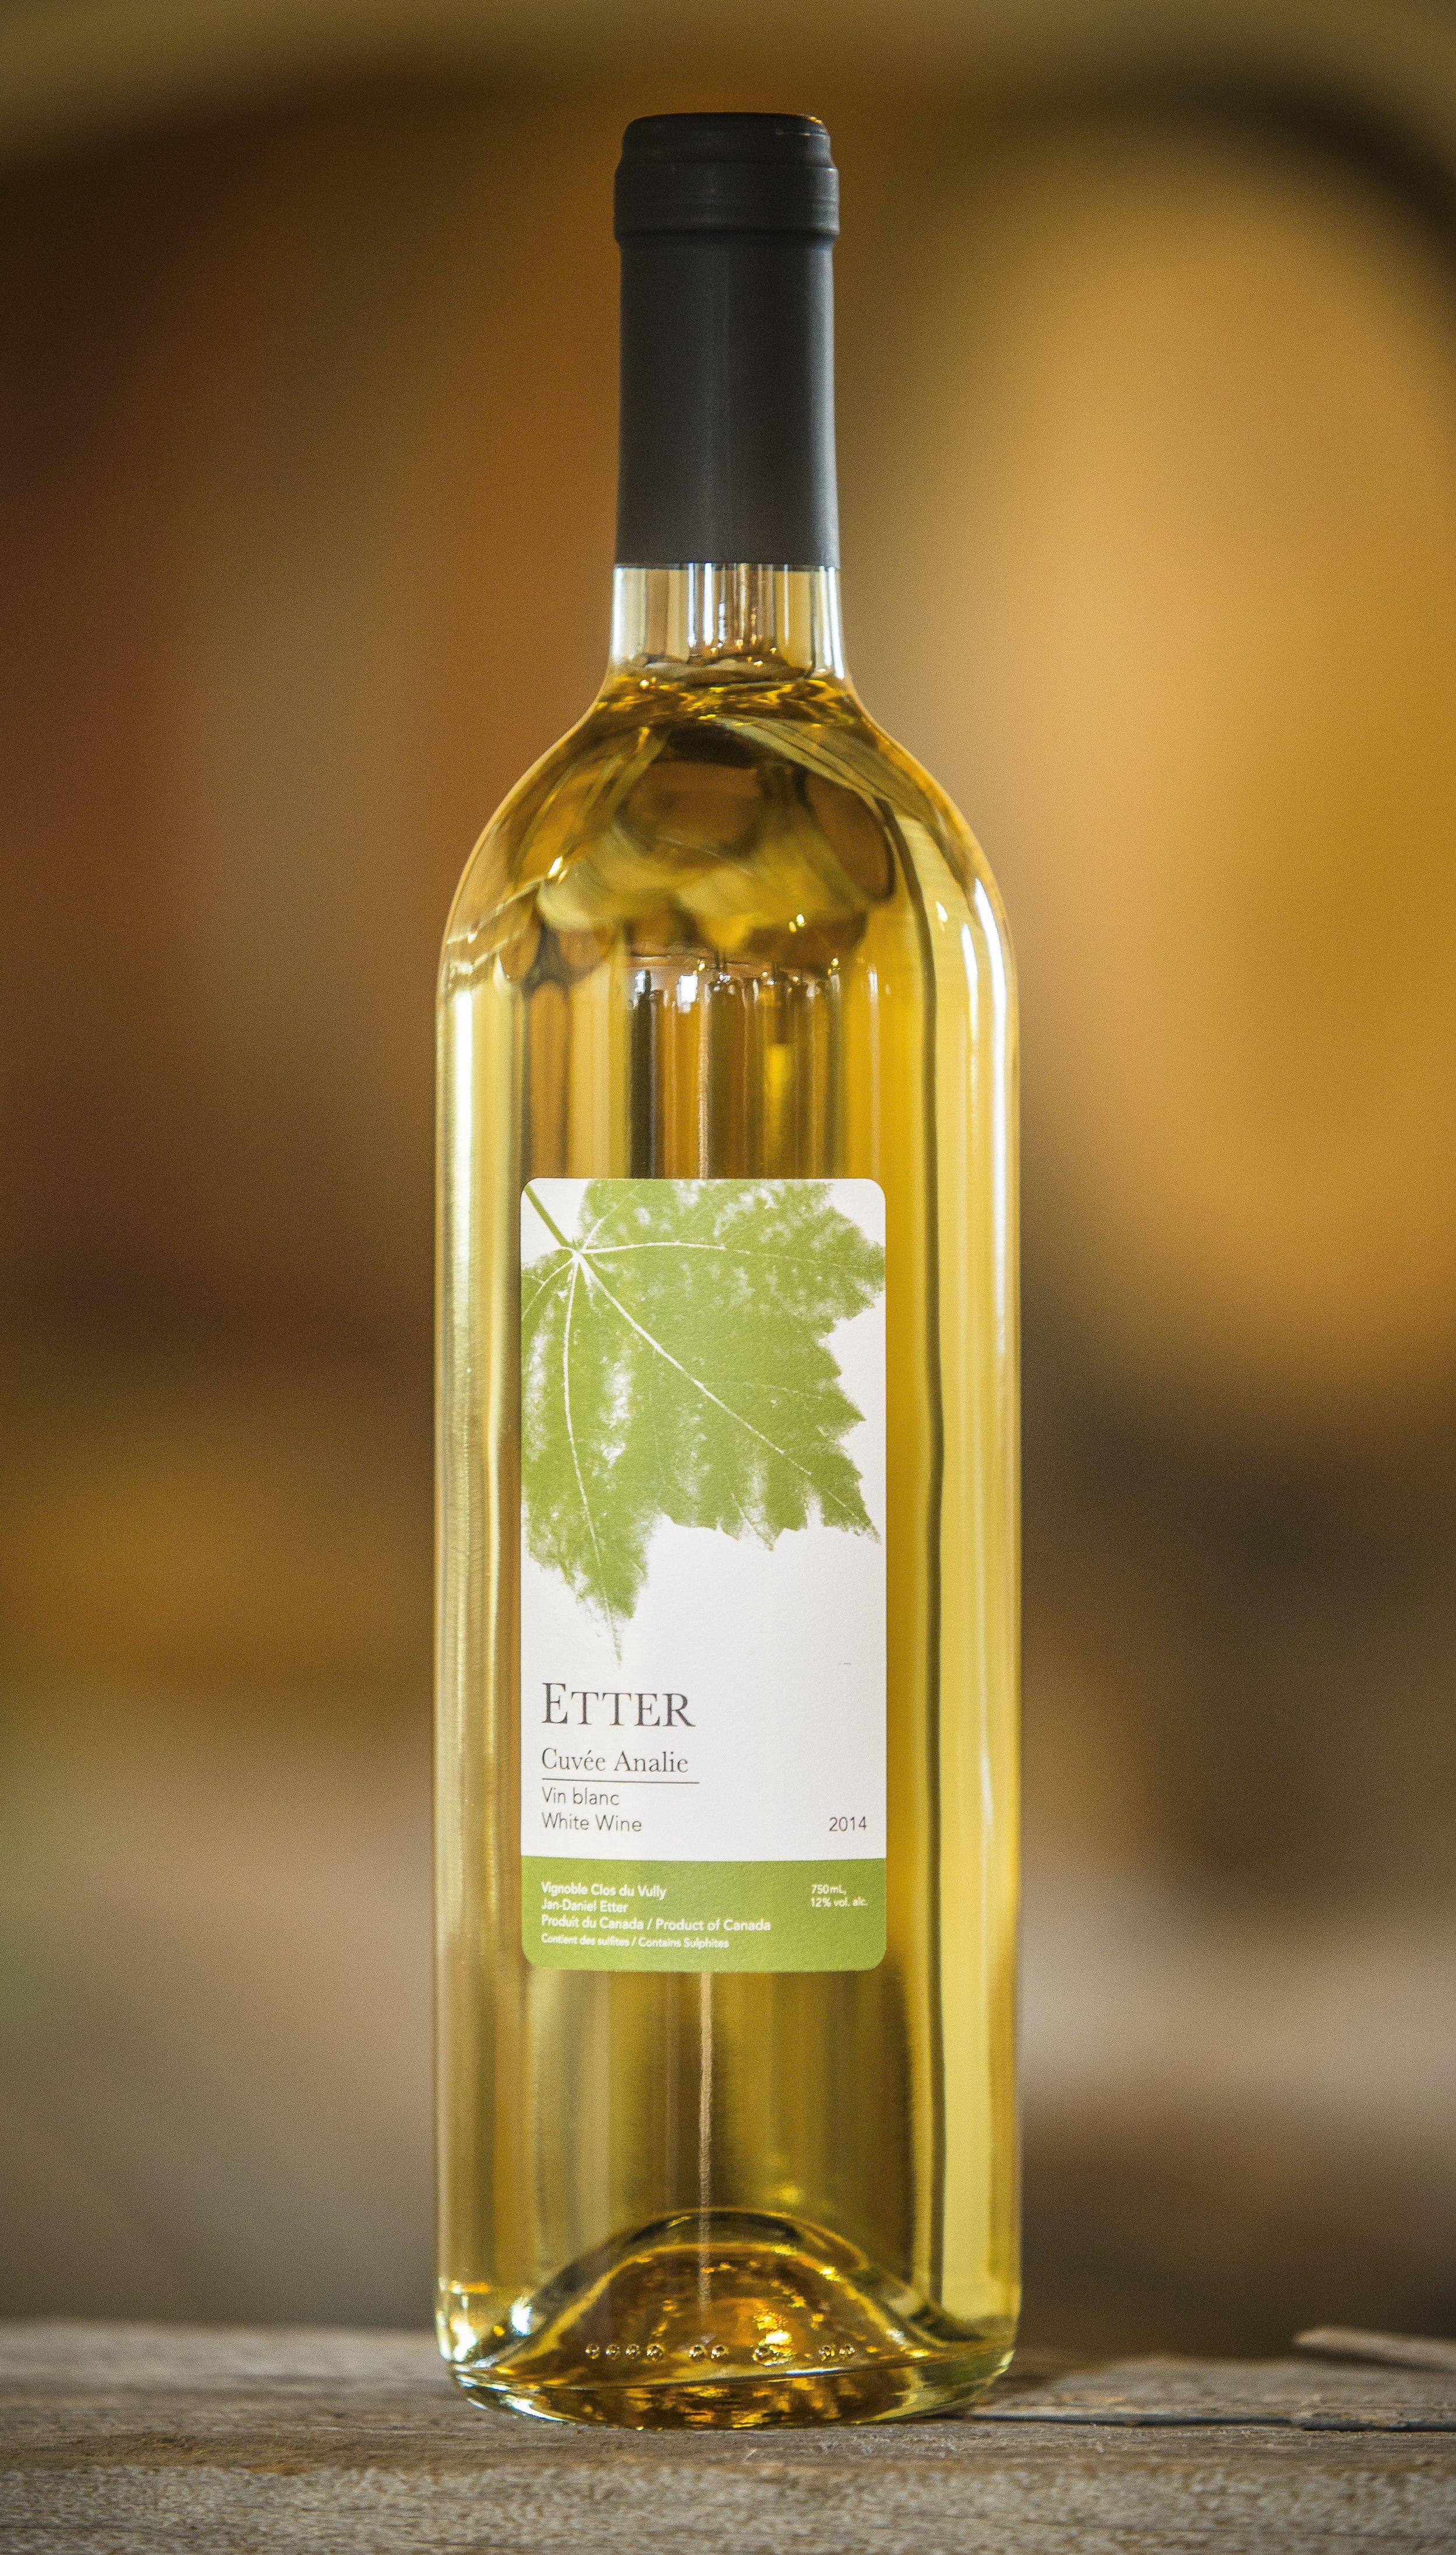 Cuvée Analie 2016 - · 90% Vidal, 5% Frontenac Blanc et 5% Riesling· En barriques pour 6 mois· Arômes de pamplemousse, pommes et chêne.18.50$ taxes incluses